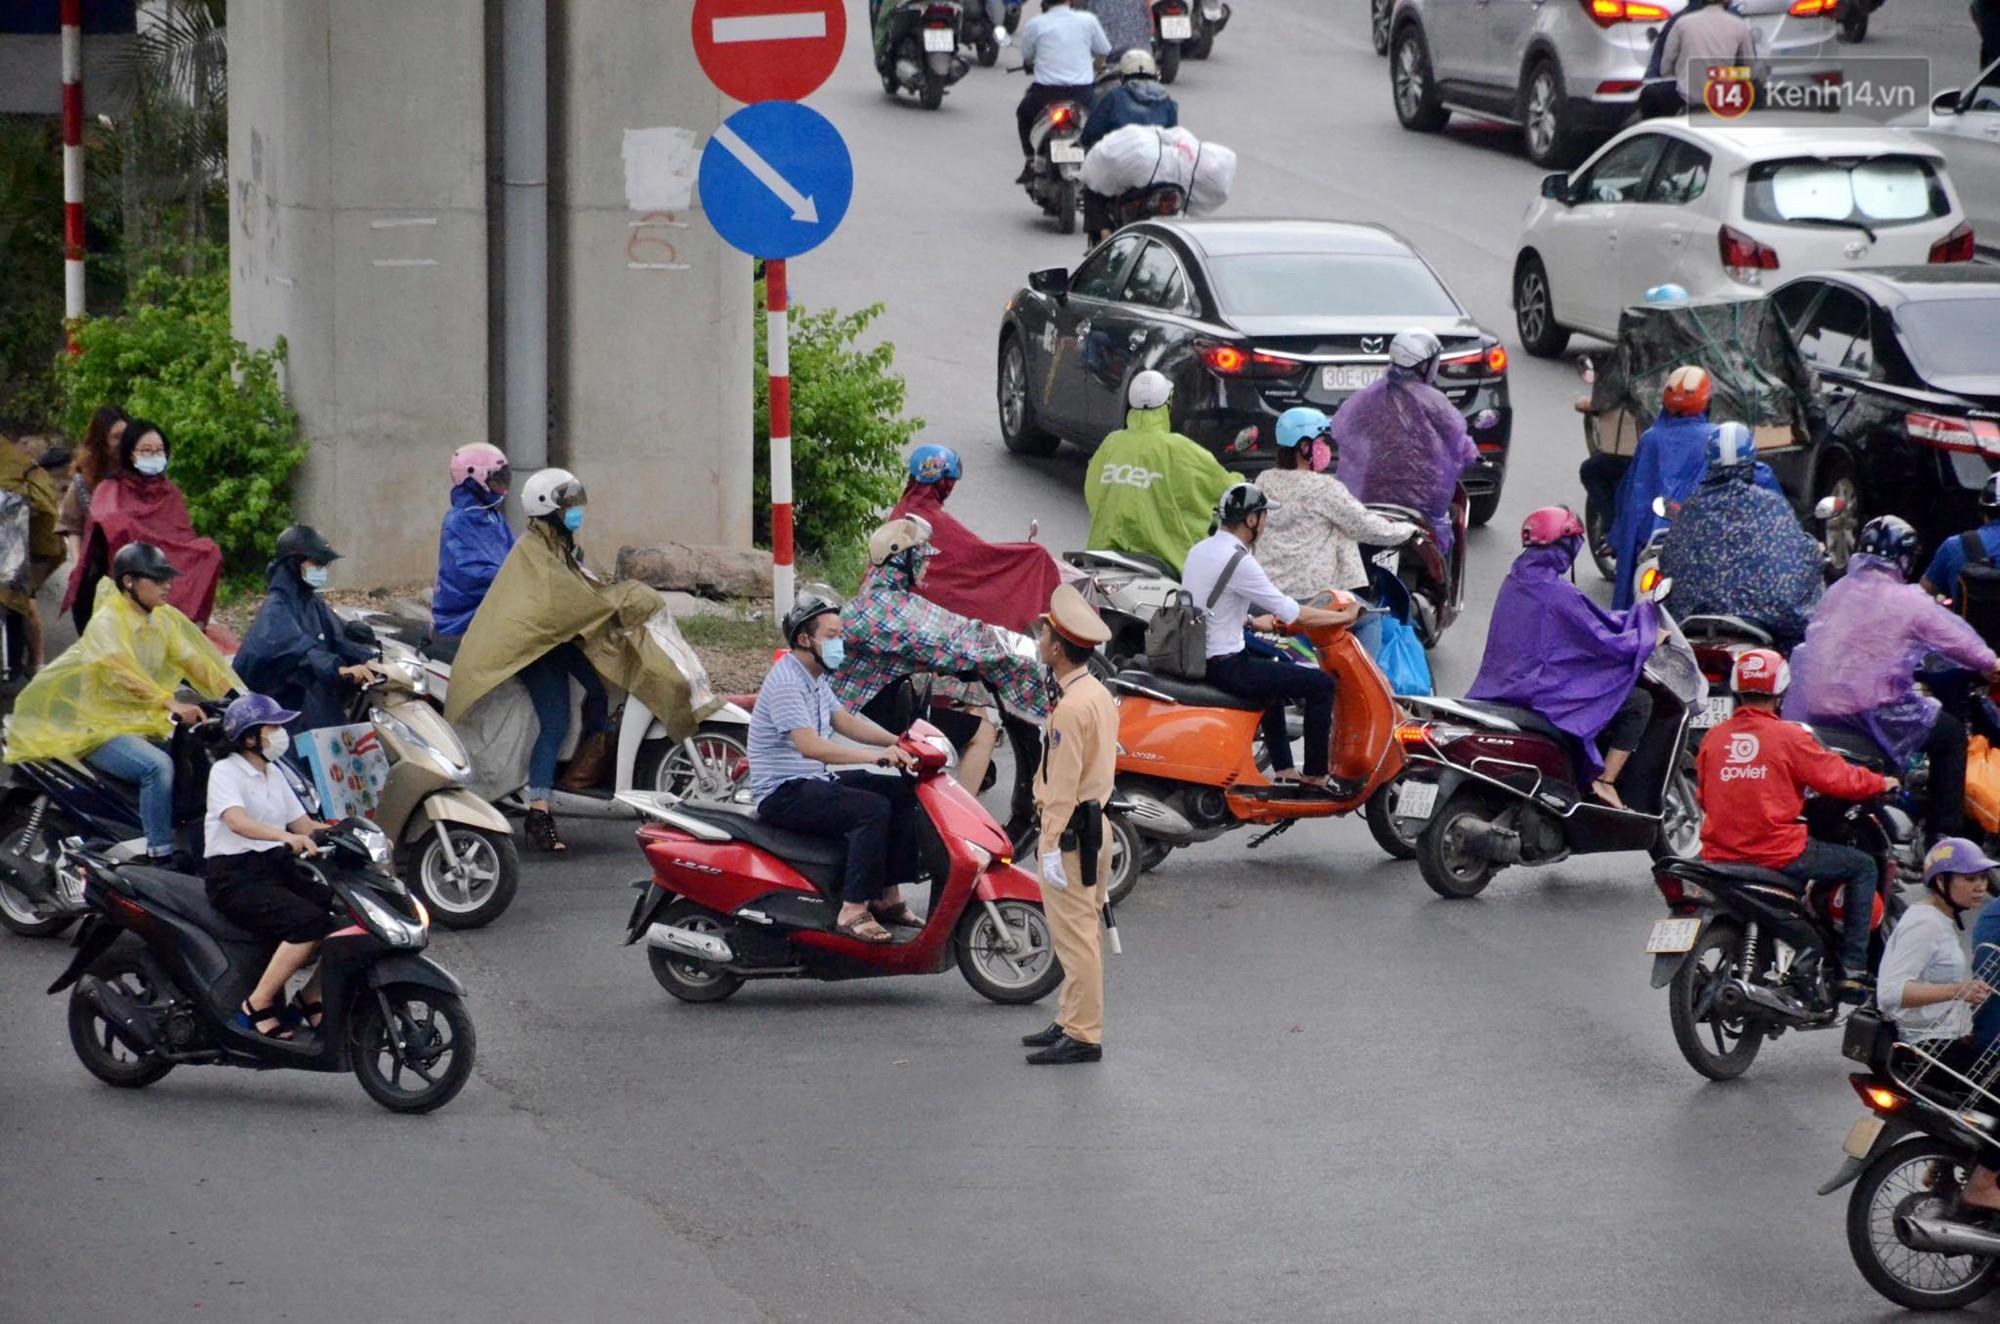 Ảnh hưởng bão số 2 khiến Hà Nội mưa trắng xoá, gió quật nghiêng người-13